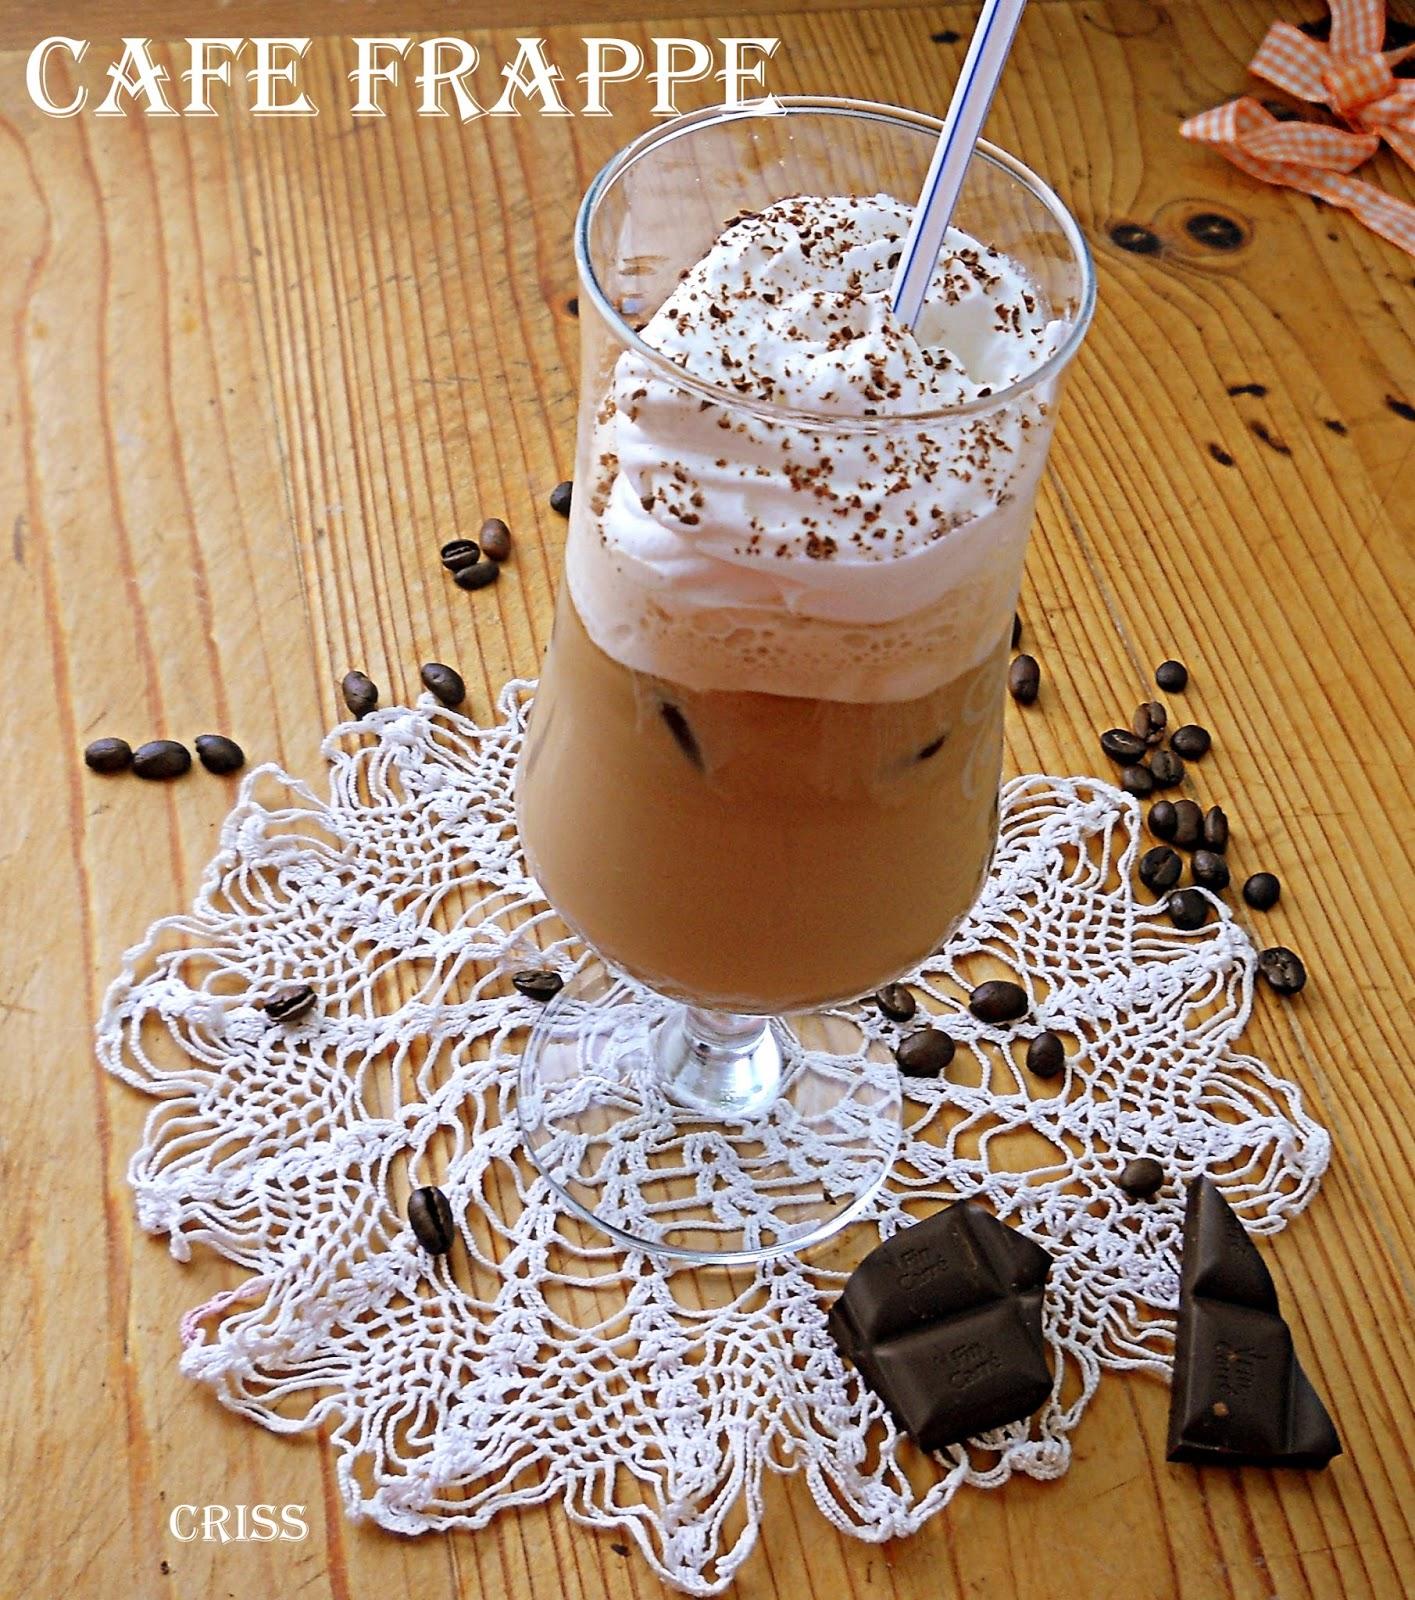 Imagini pentru cafe frappe